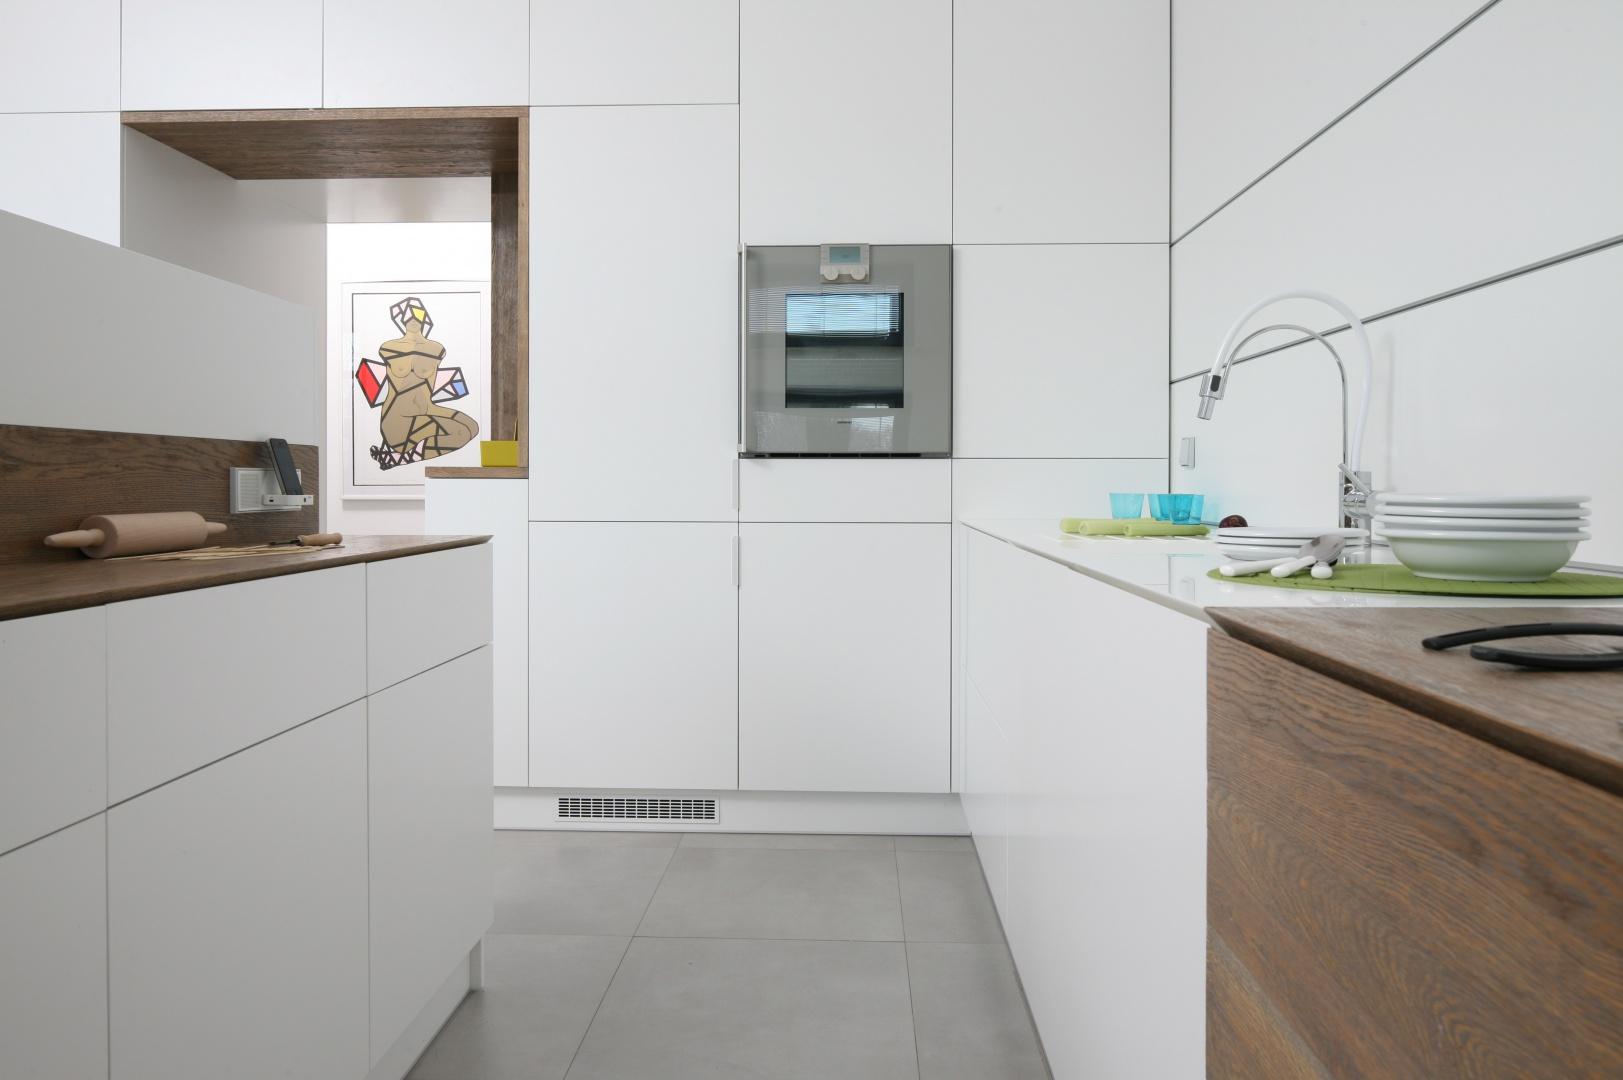 Biała, nowoczesna kuchnia ocieplona drewnem  Galeria   -> Kuchnia Nowoczesna Z Drewnem